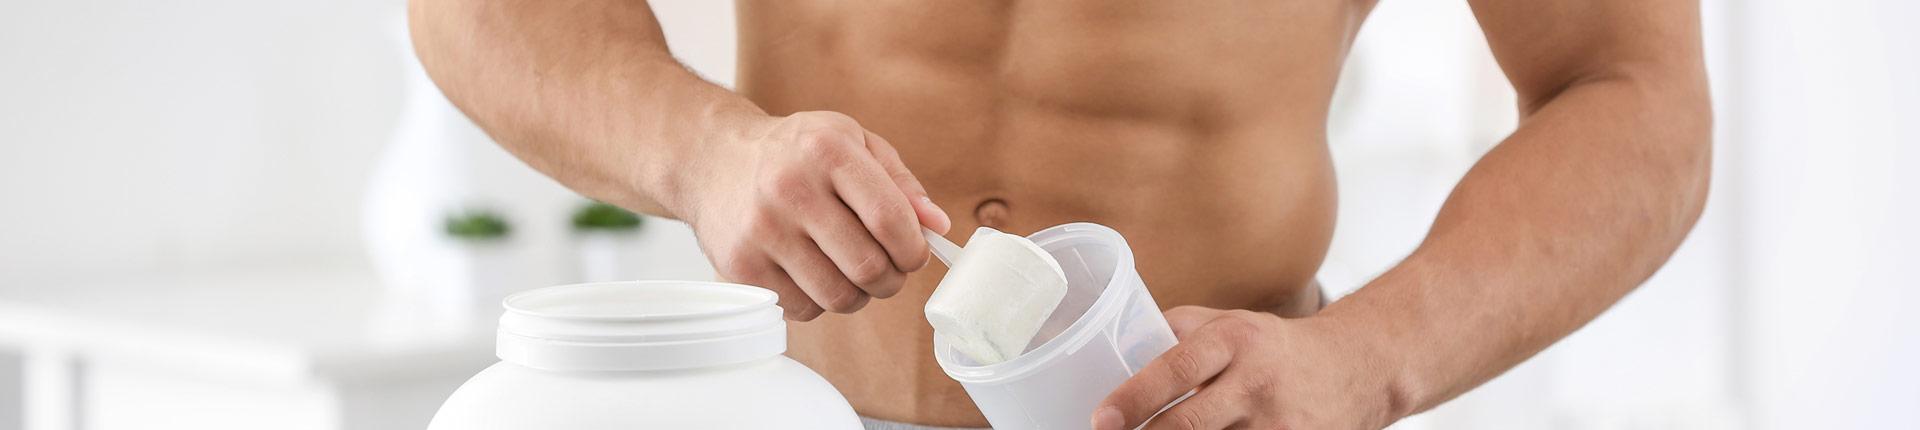 Koncentrat białka serwatkowego